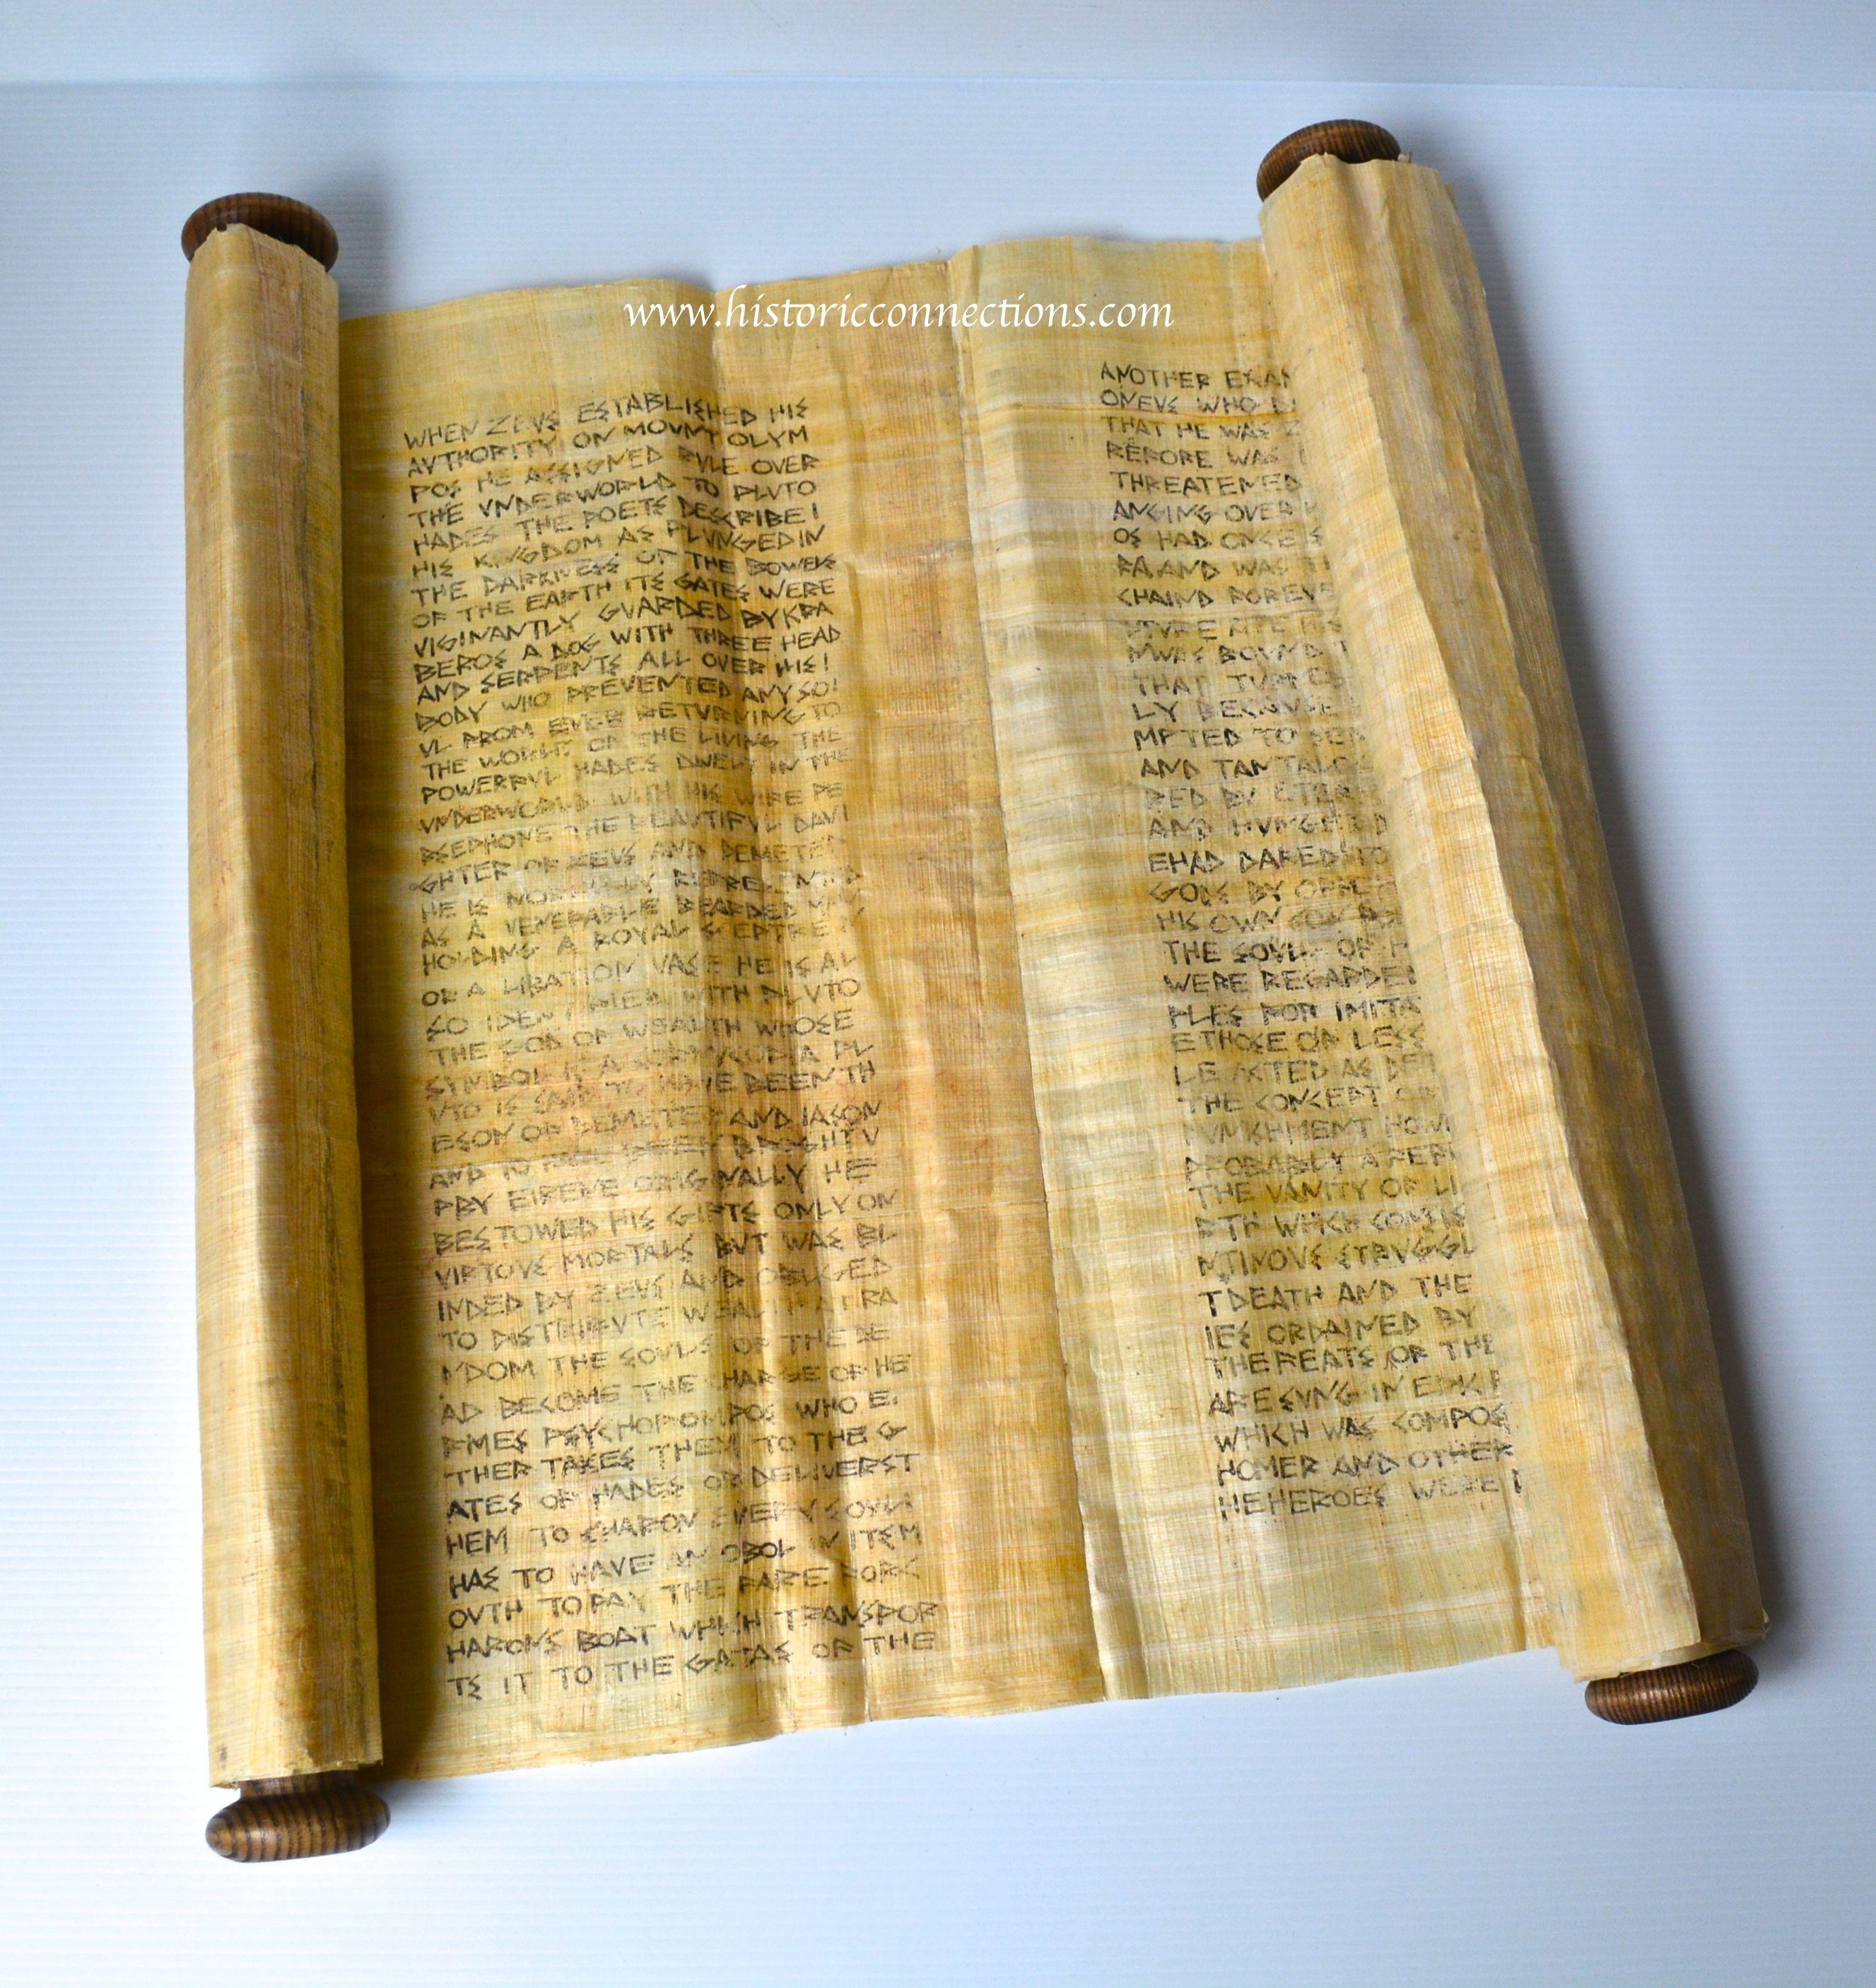 библиотека папирусов картинка желобок это